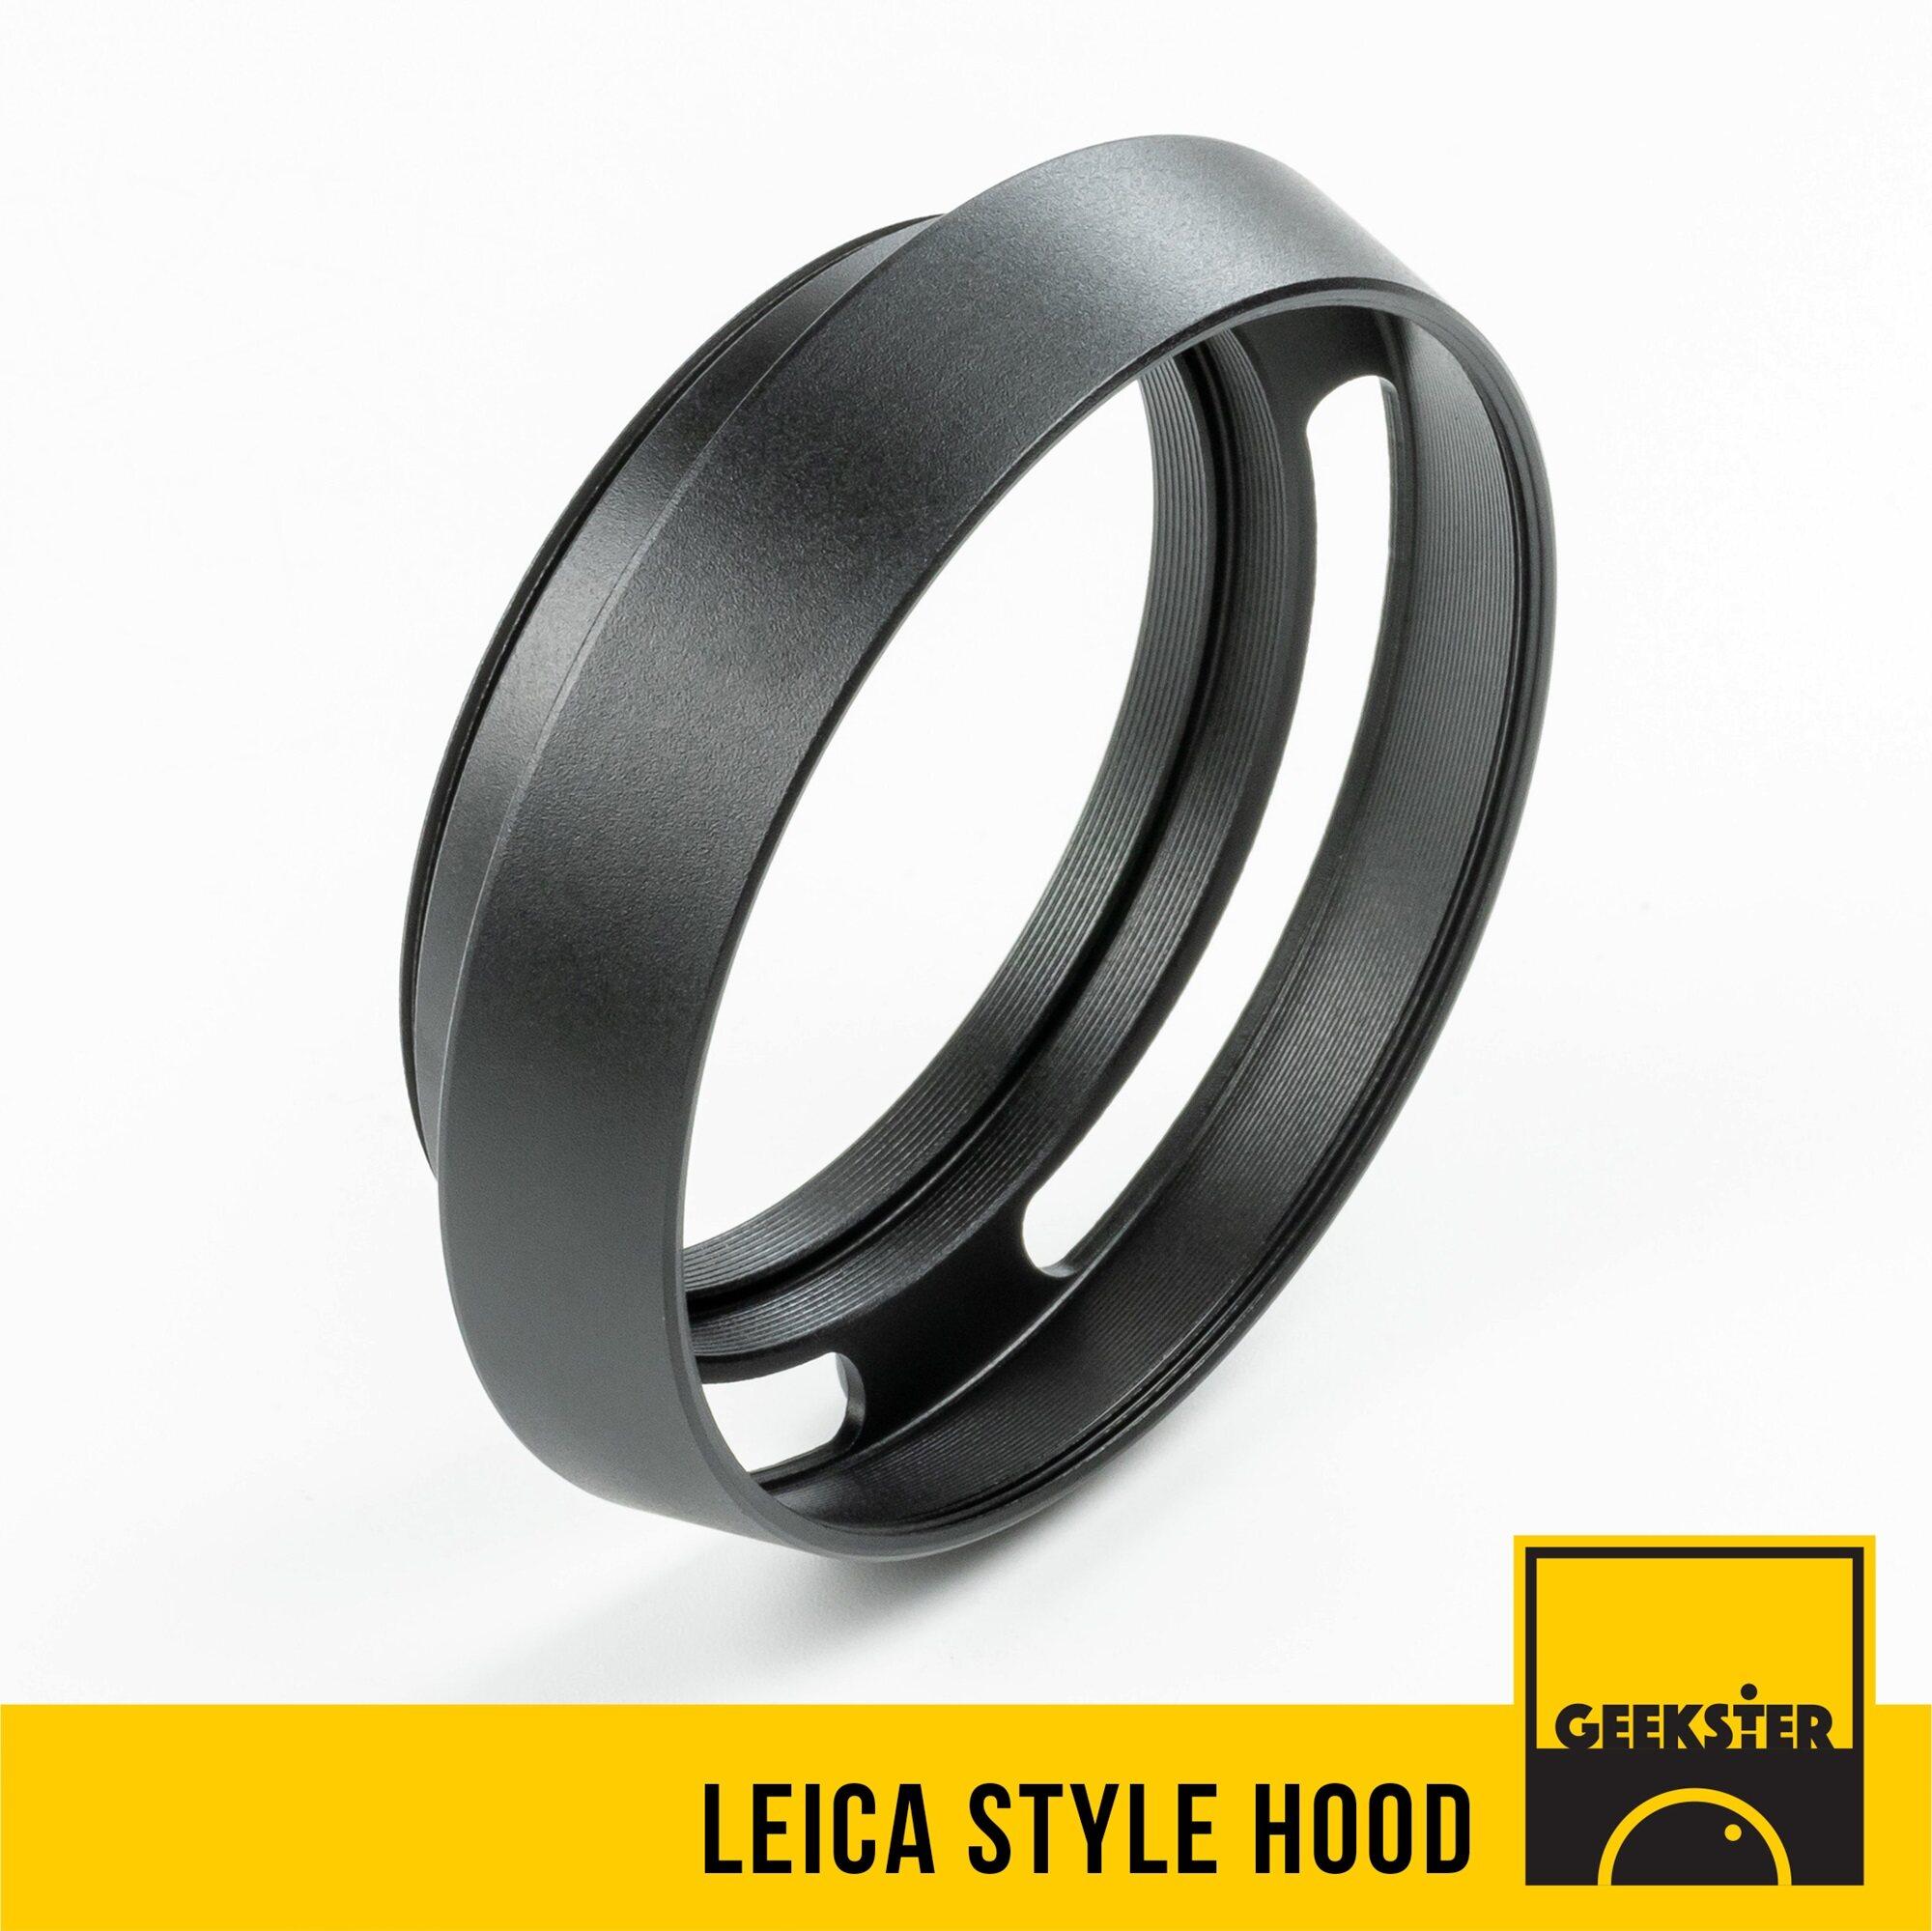 Hood เหล็กทรงไลก้า 37mm / 39mm / 40.5mm / 43mm / 46mm / 49mm / 52mm / 55mm / 58mm ( สำหรับ บังแสง ) ( แสงจ้า ) ( 37 Mm / 40.5 Mm / 43 Mm / 46 Mm / 49 Mm / 52 Mm / 55 Mm / 58 Mm ) ( Geekster ).